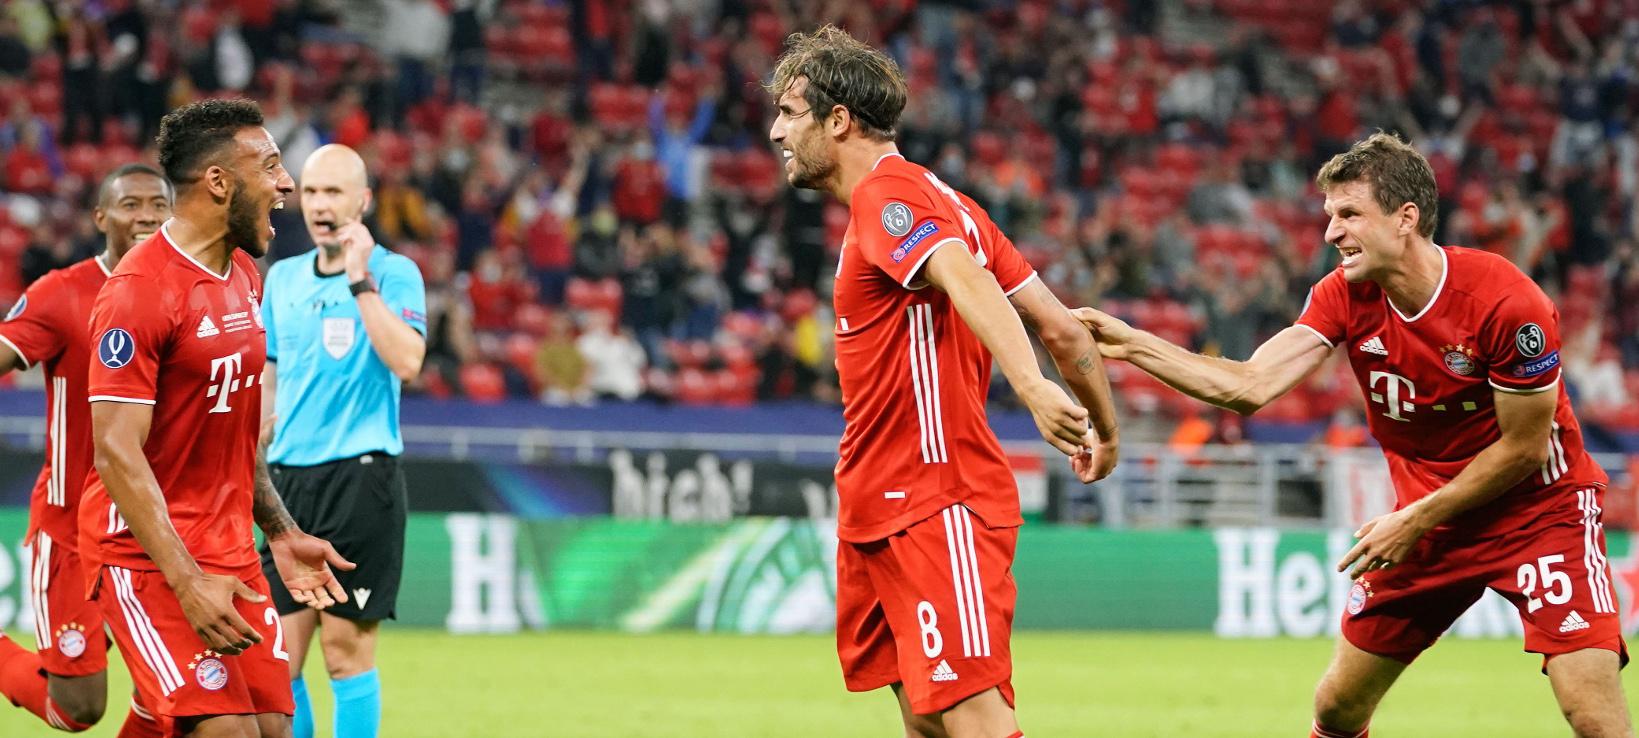 Javi decide otra Supercopa para el Bayern (2-1)